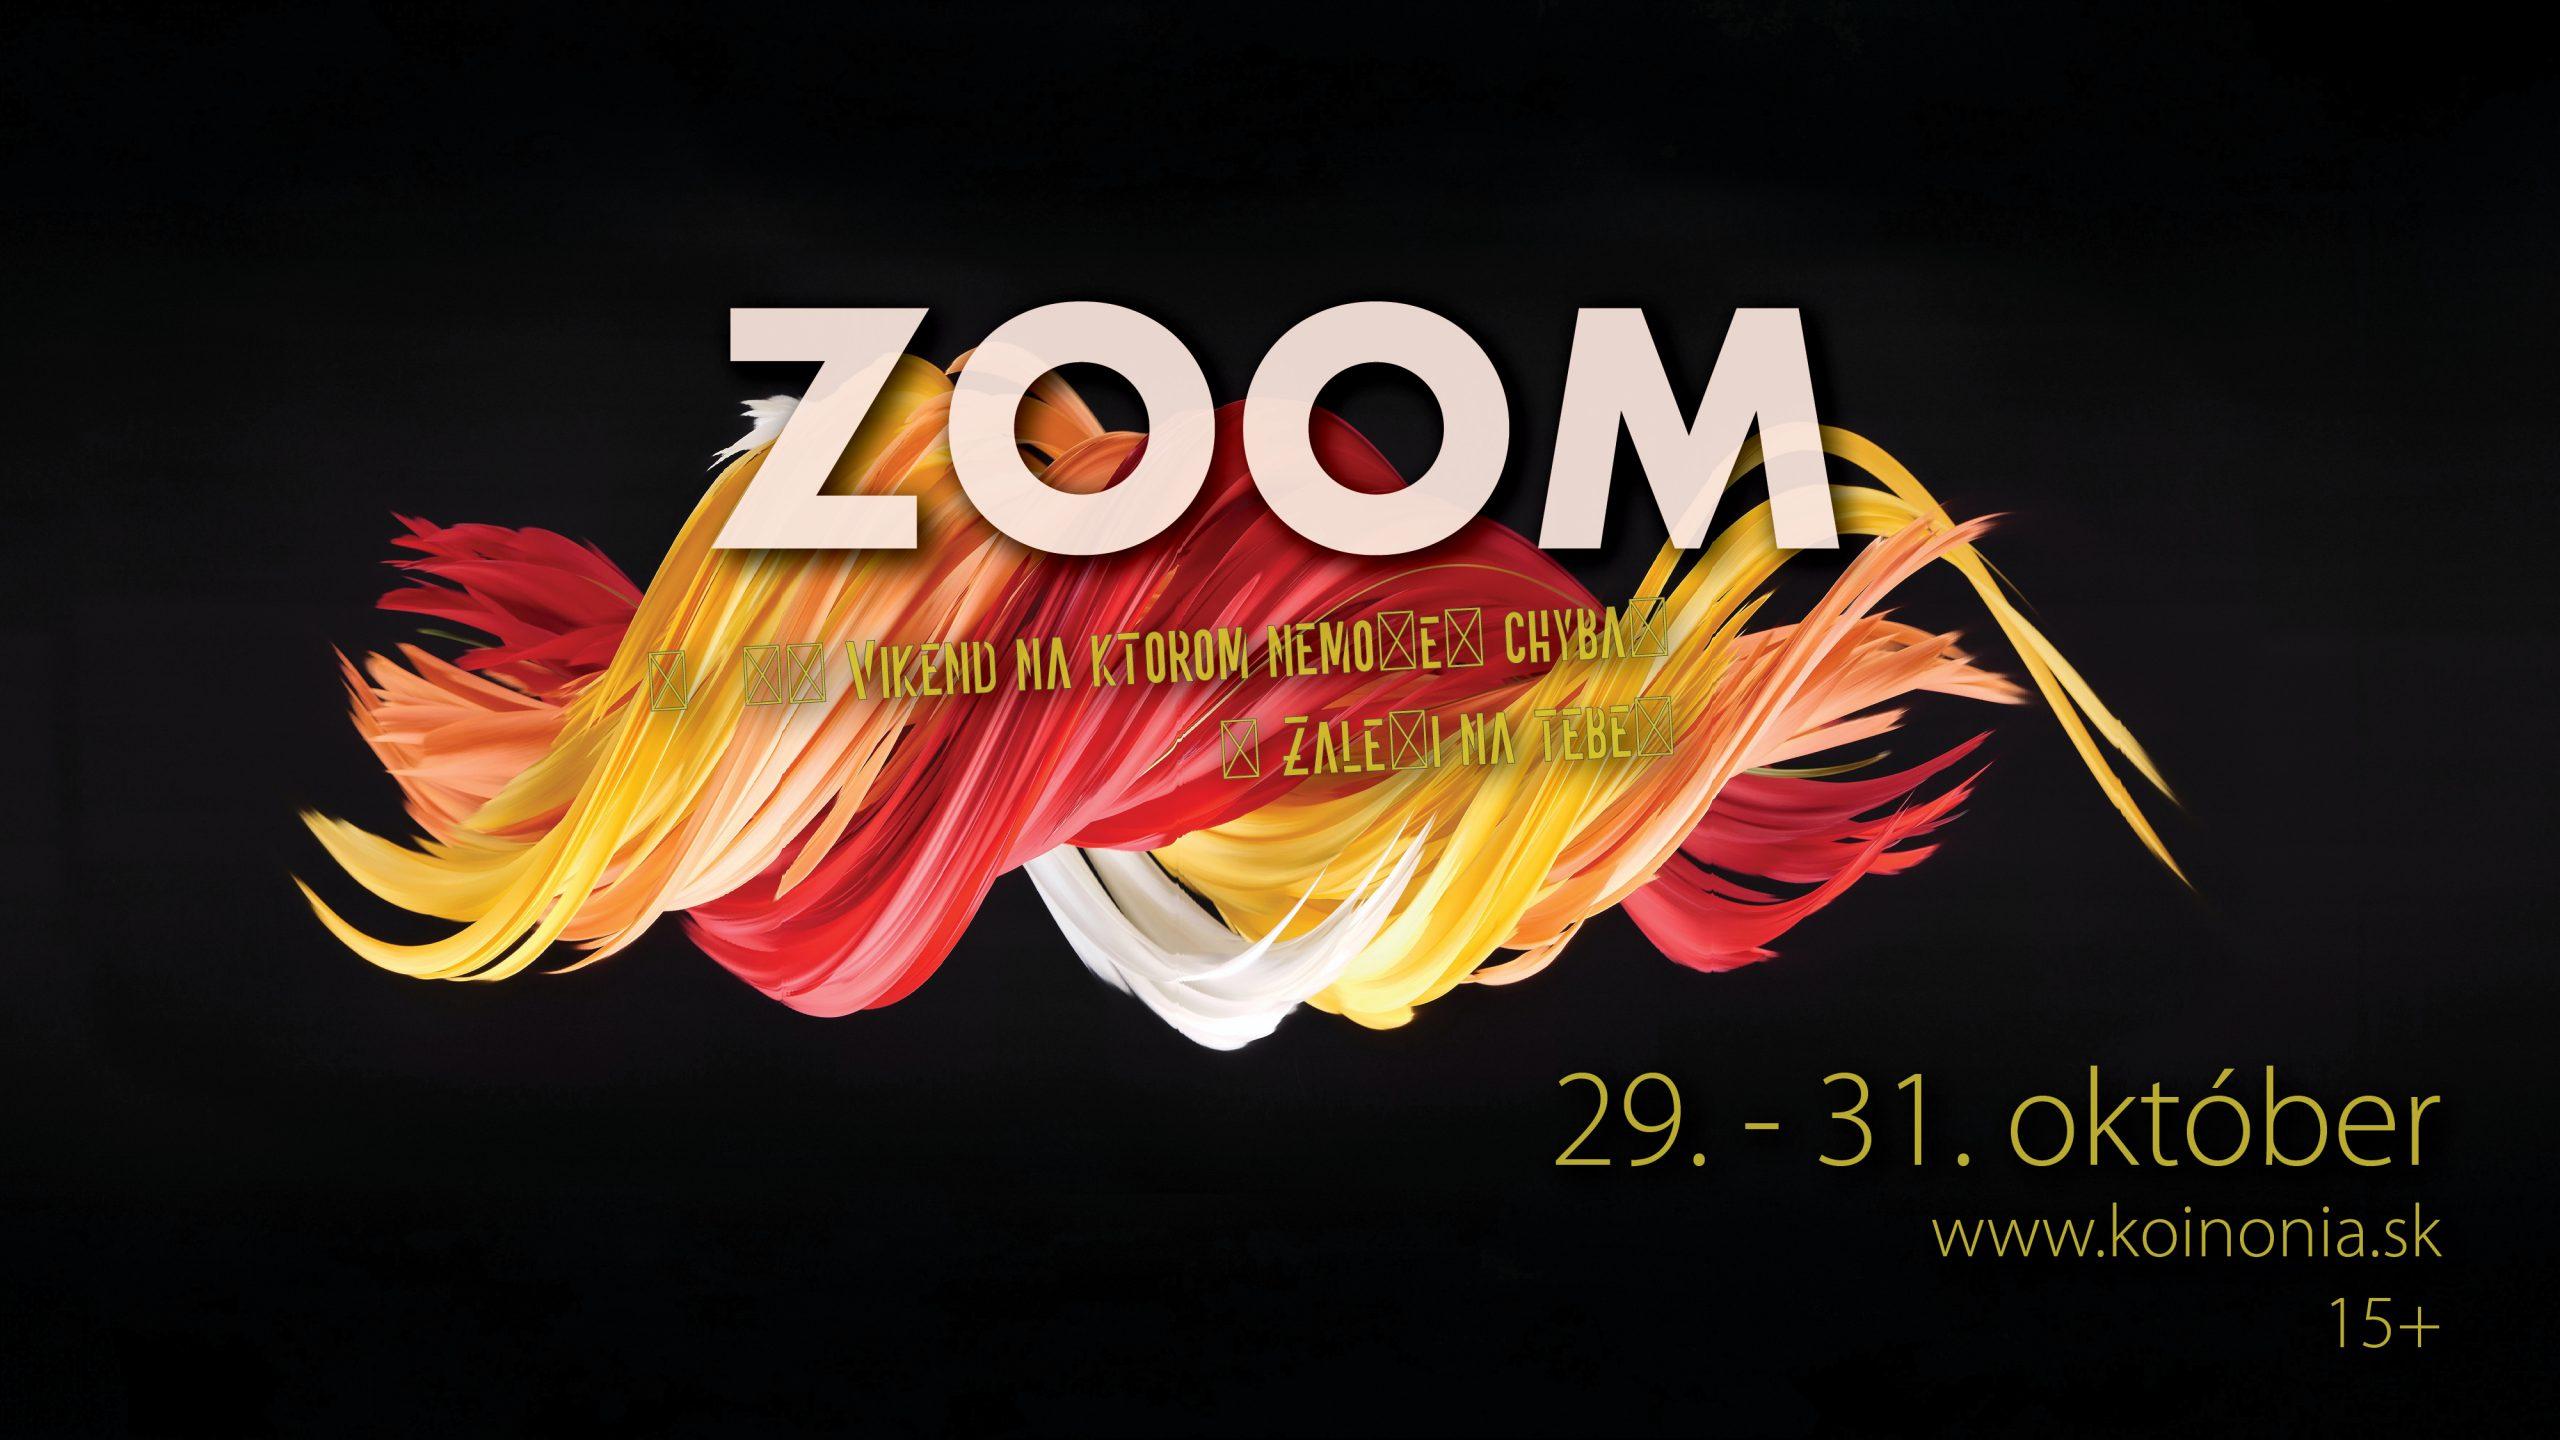 2zoom